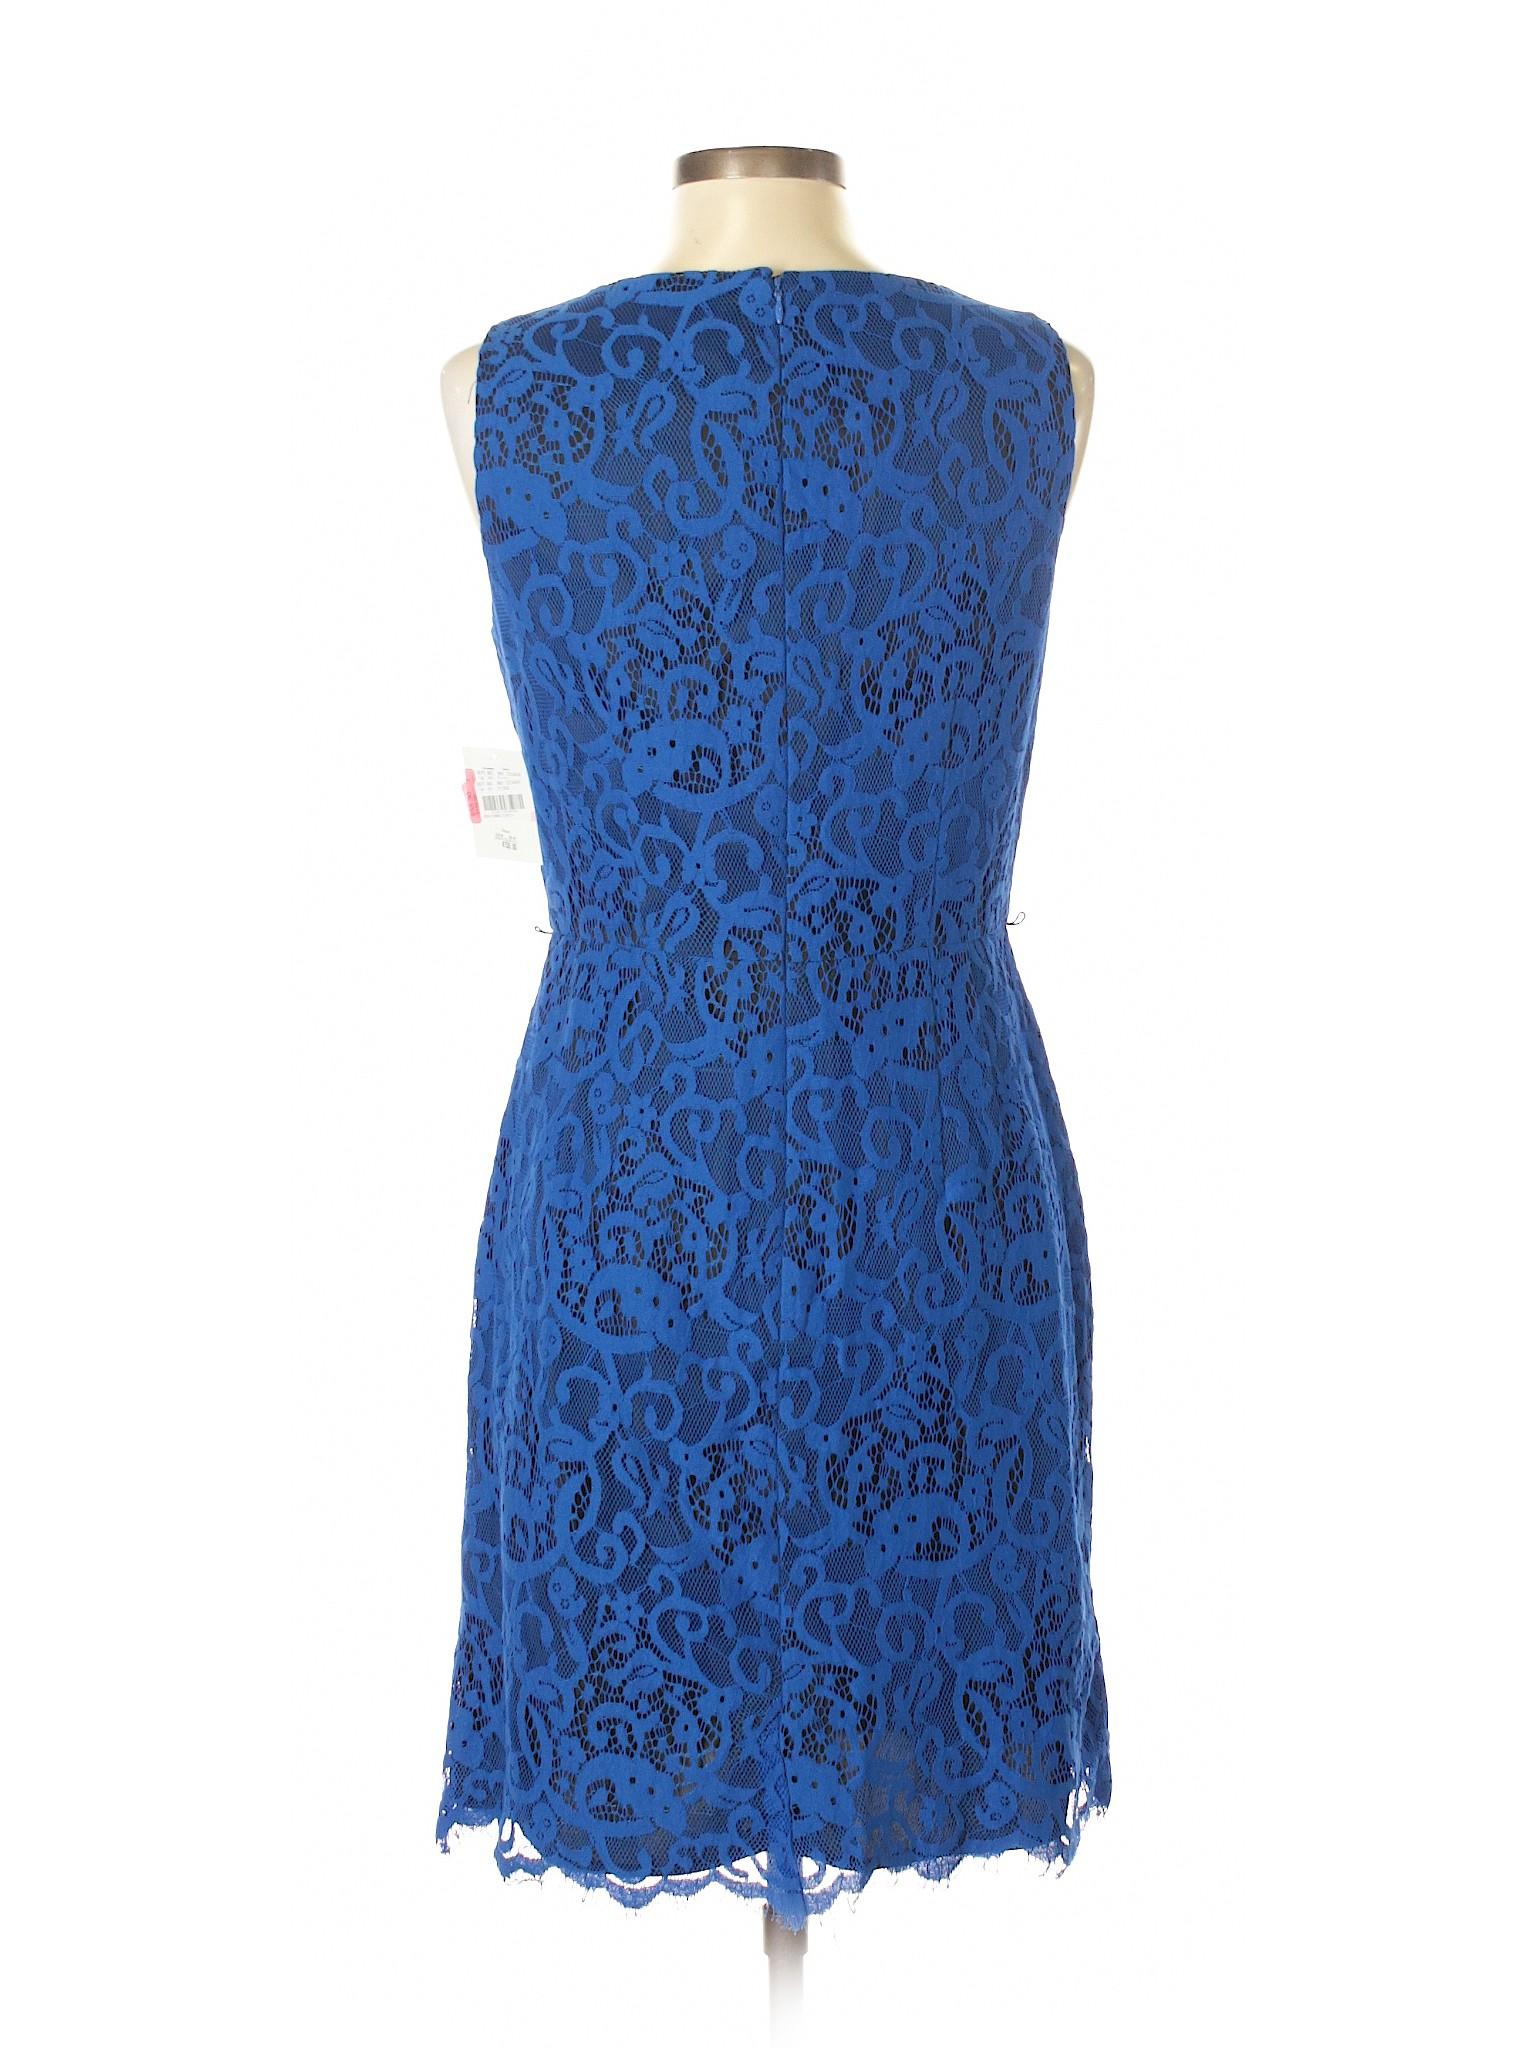 Morgan Boutique Casual winter Dress Donna qr6EWnwxr